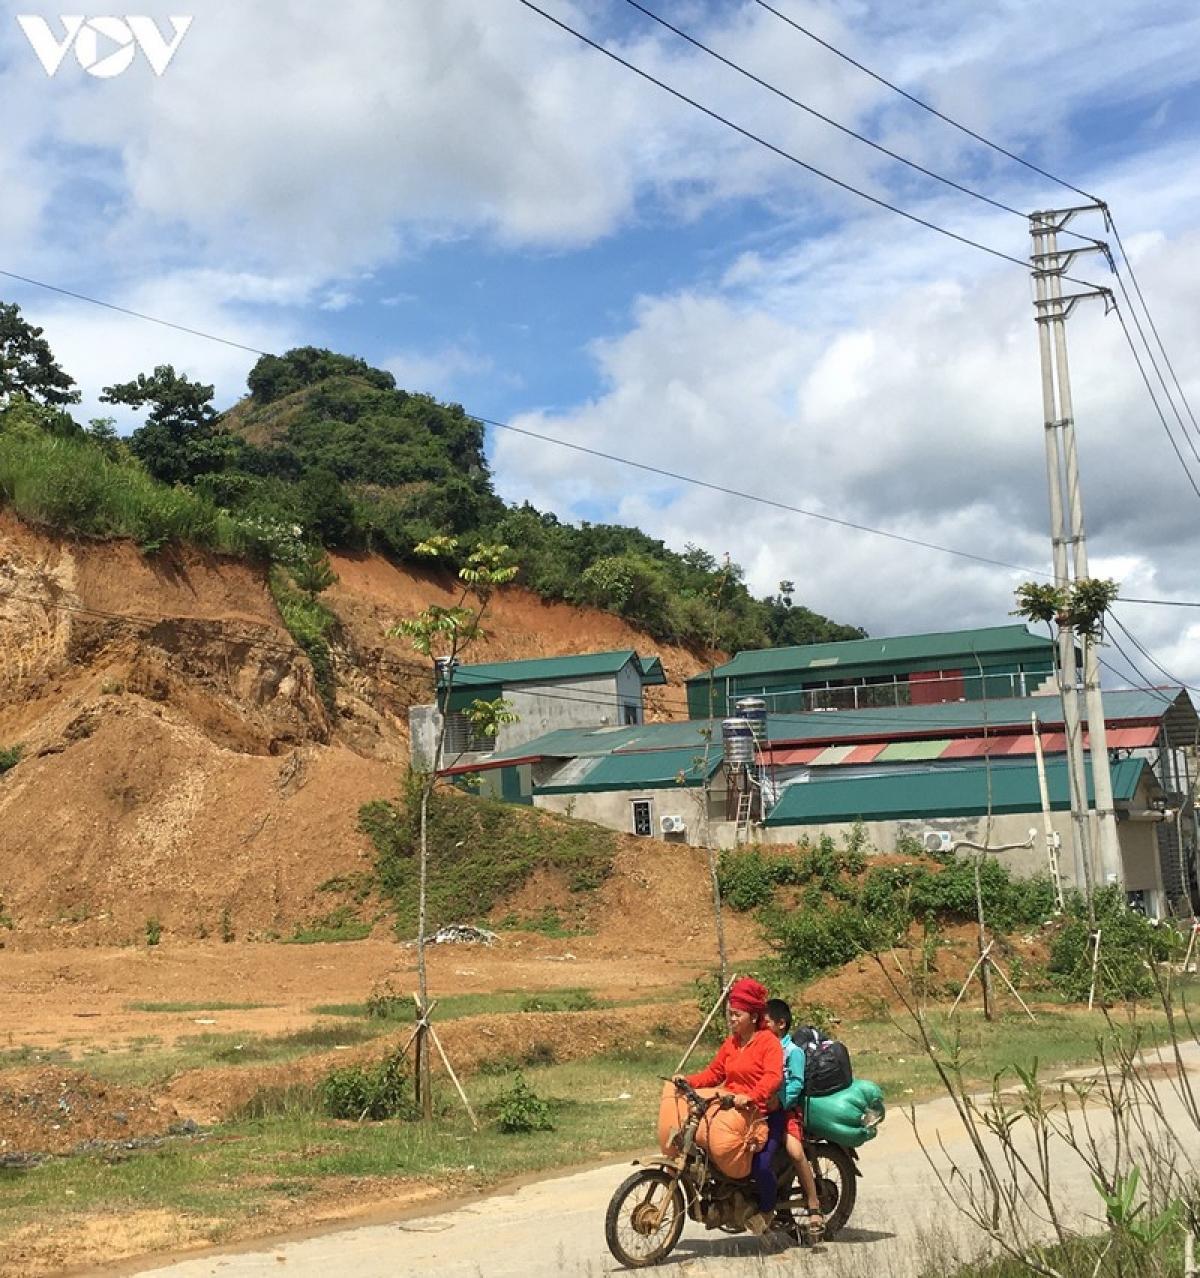 Theo rà soát, xã Chiềng Ngần có nhiều hộ đang nằm trong vùng nguy cơ sạt lở, đá lăn, như tiểu khu 5 và các bản: Ka Láp, Ỏ, Pát, Púng.